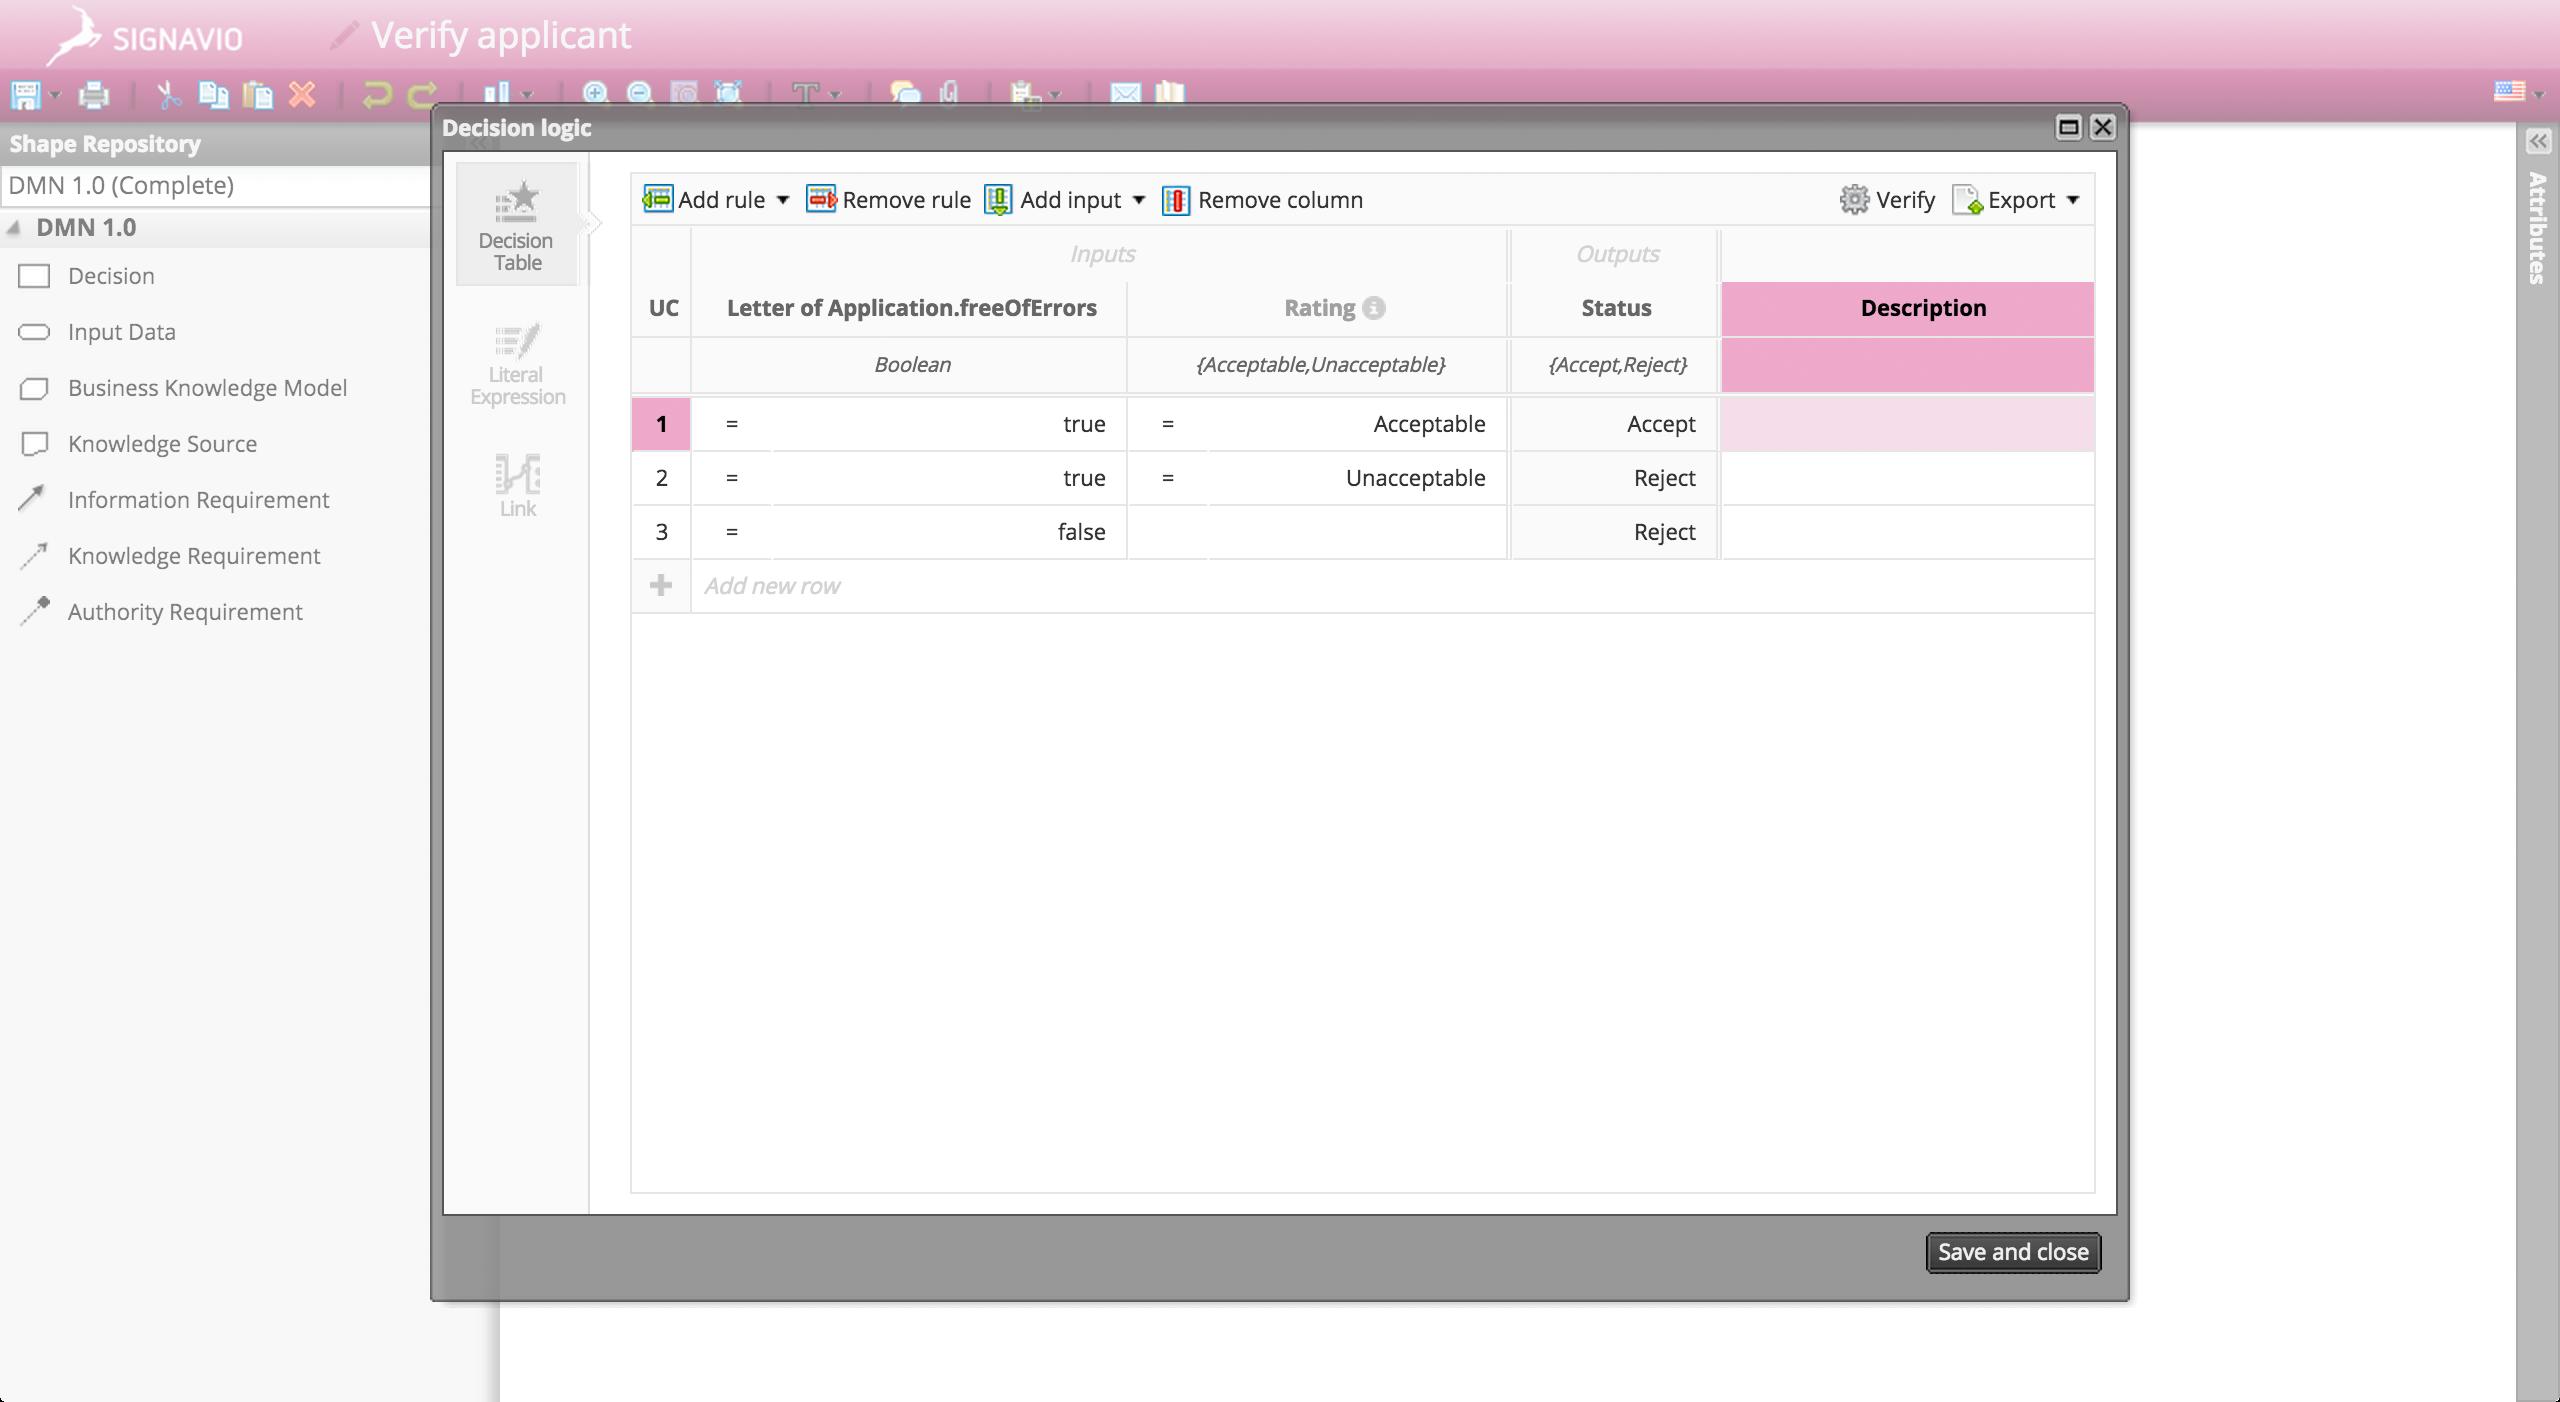 Process Manager Demo - Signavio Decision Manager